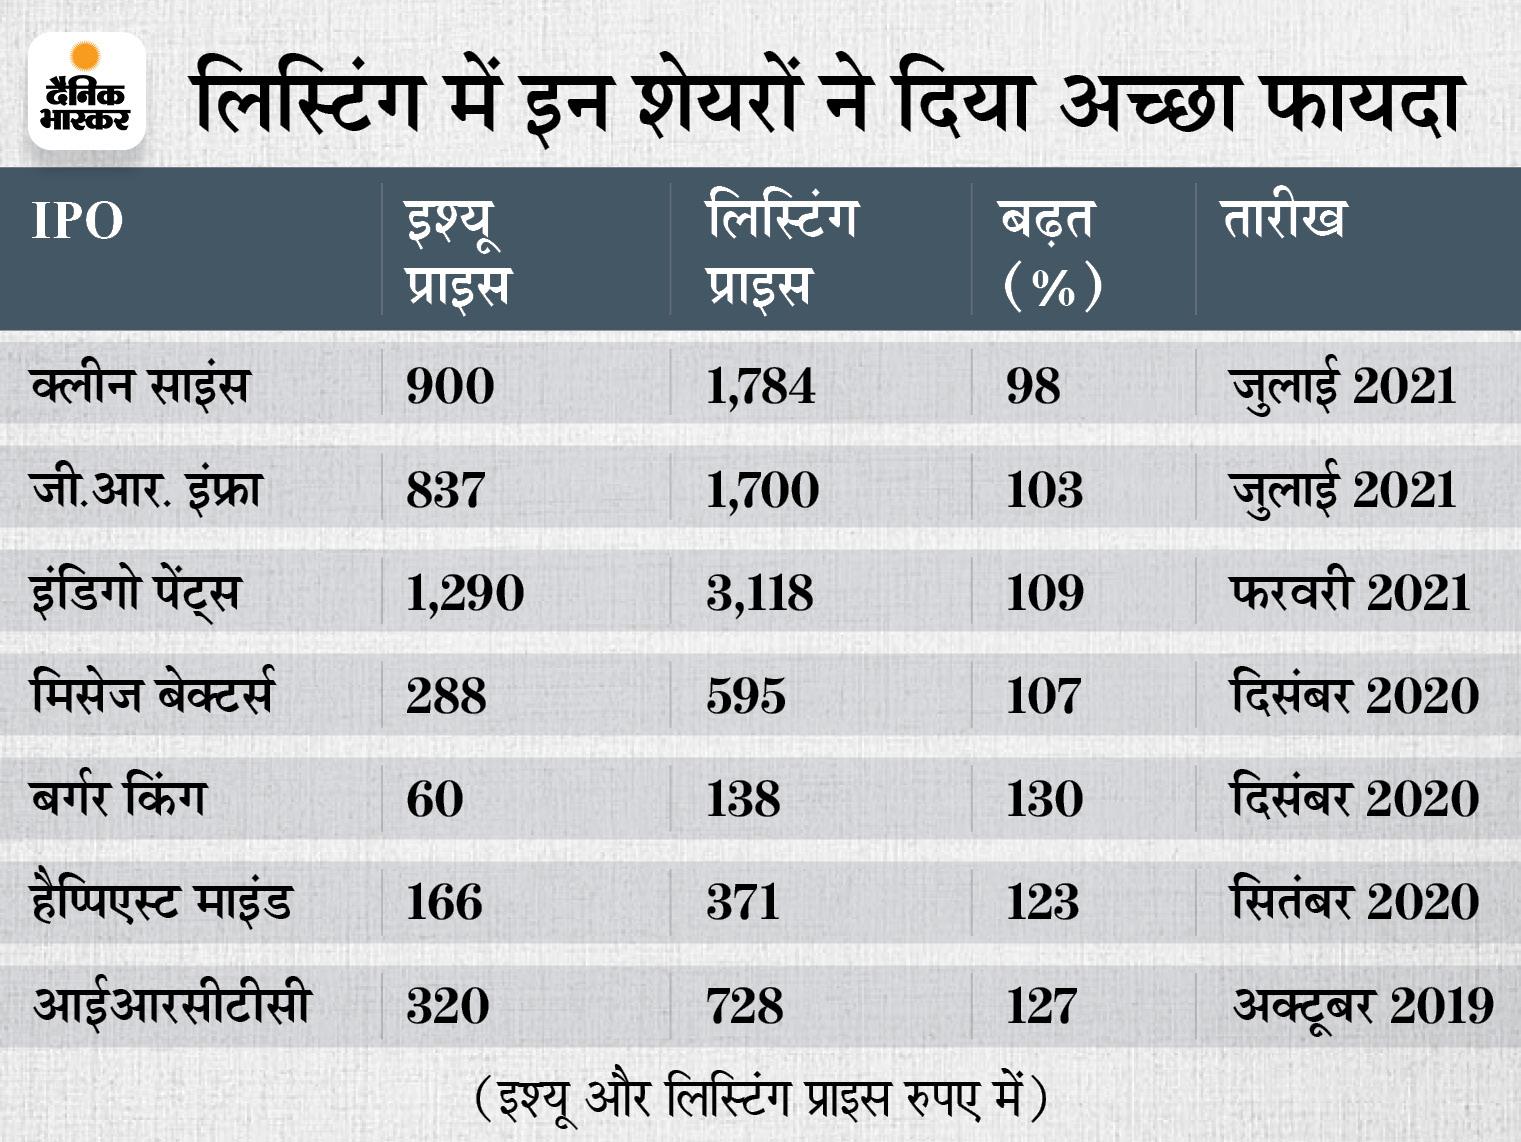 लिस्टिंग में पैसा दोगुना करने में इस साल जी.आर. इंफ्रा दूसरे नंबर पर, 4 सालों में 6 इश्यू में दोगुना हुआ पैसा|बिजनेस,Business - Dainik Bhaskar